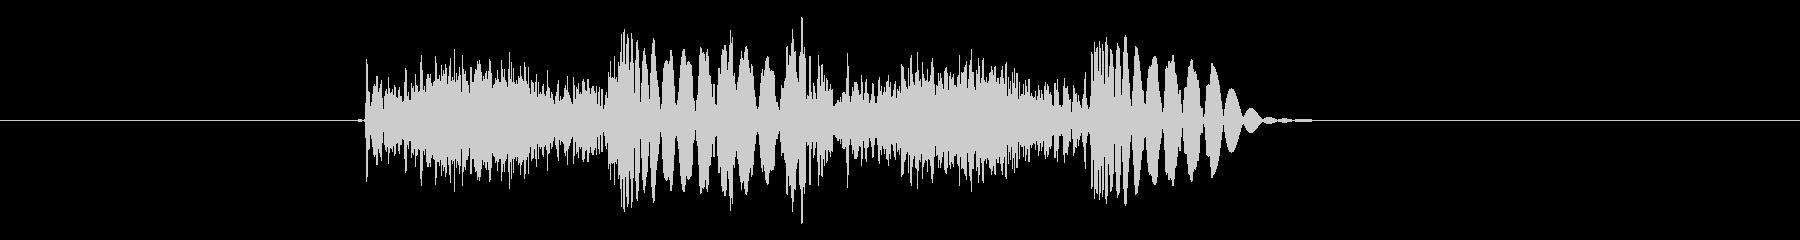 シューン(シューティング、ビーム、2発)の未再生の波形